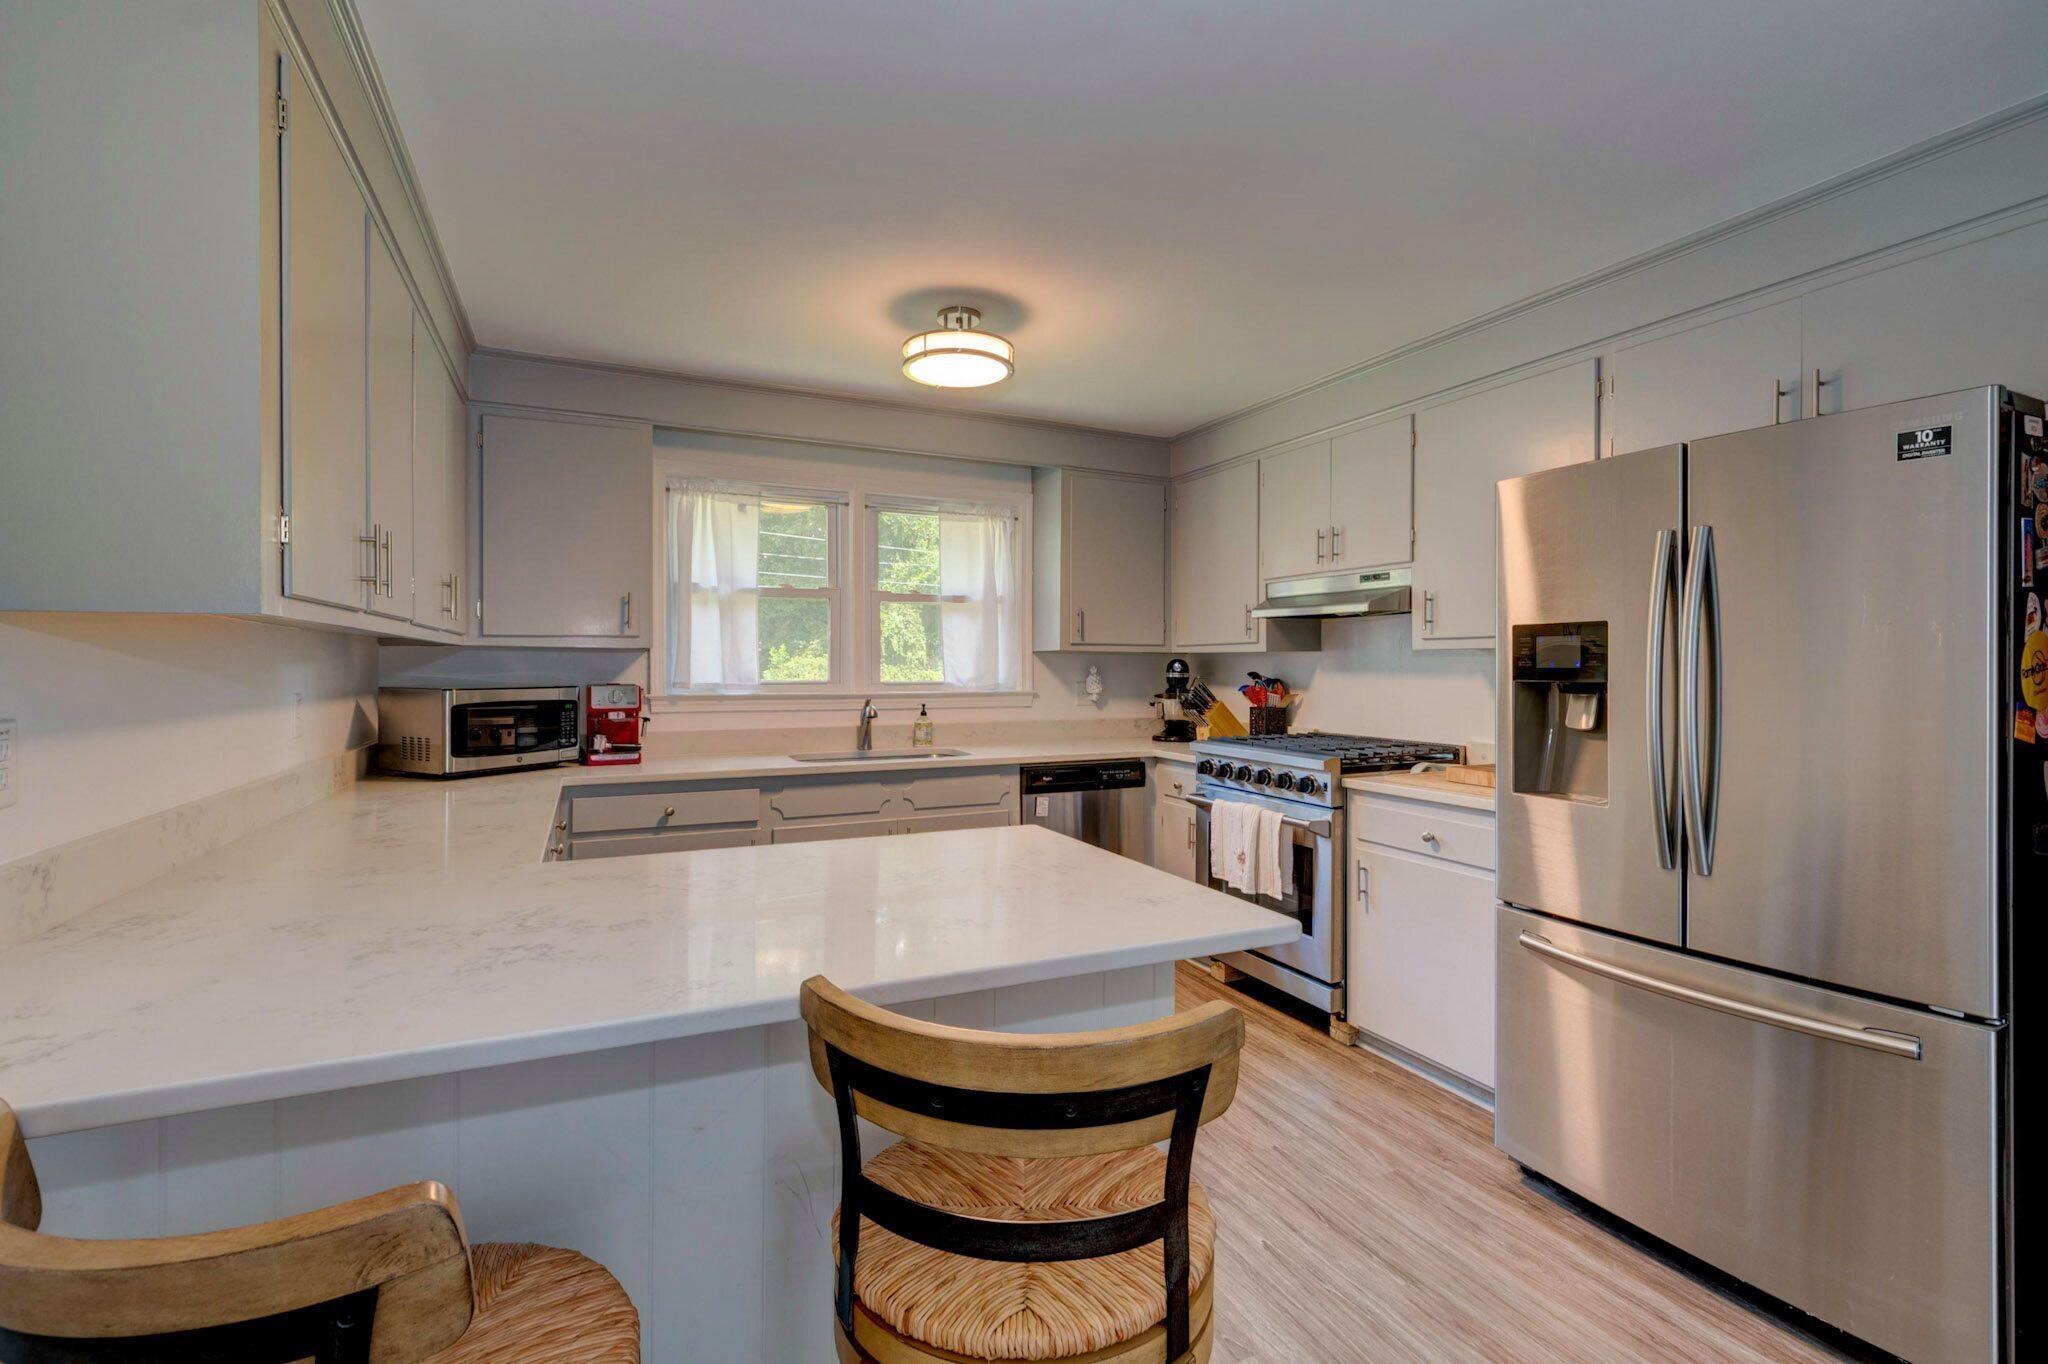 Clarks Point Homes For Sale - 1257 Julian Clark, Charleston, SC - 9